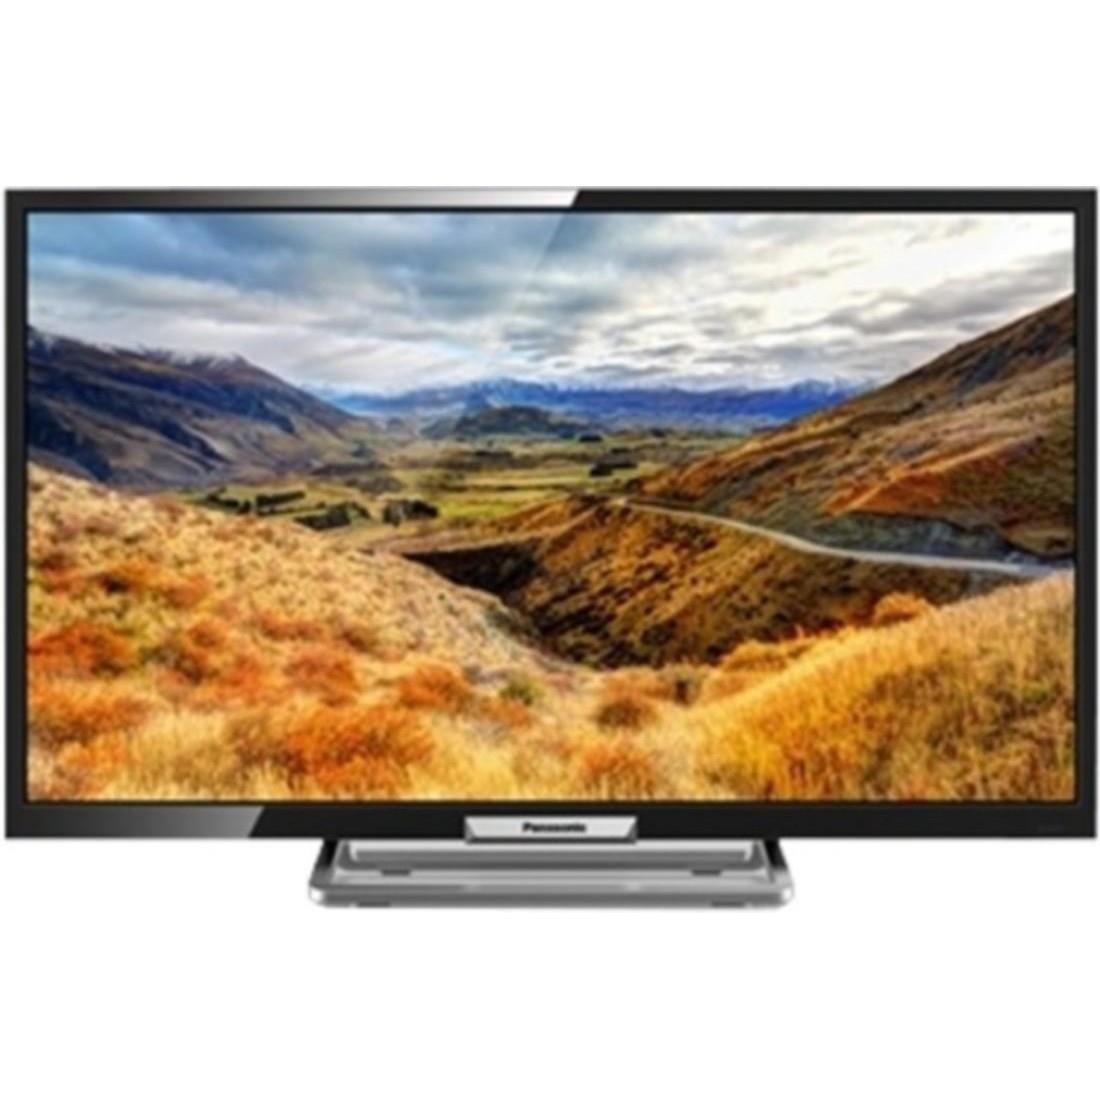 Panasonic 32C470DX 80 cm (32) LED TV (Full HD) Image